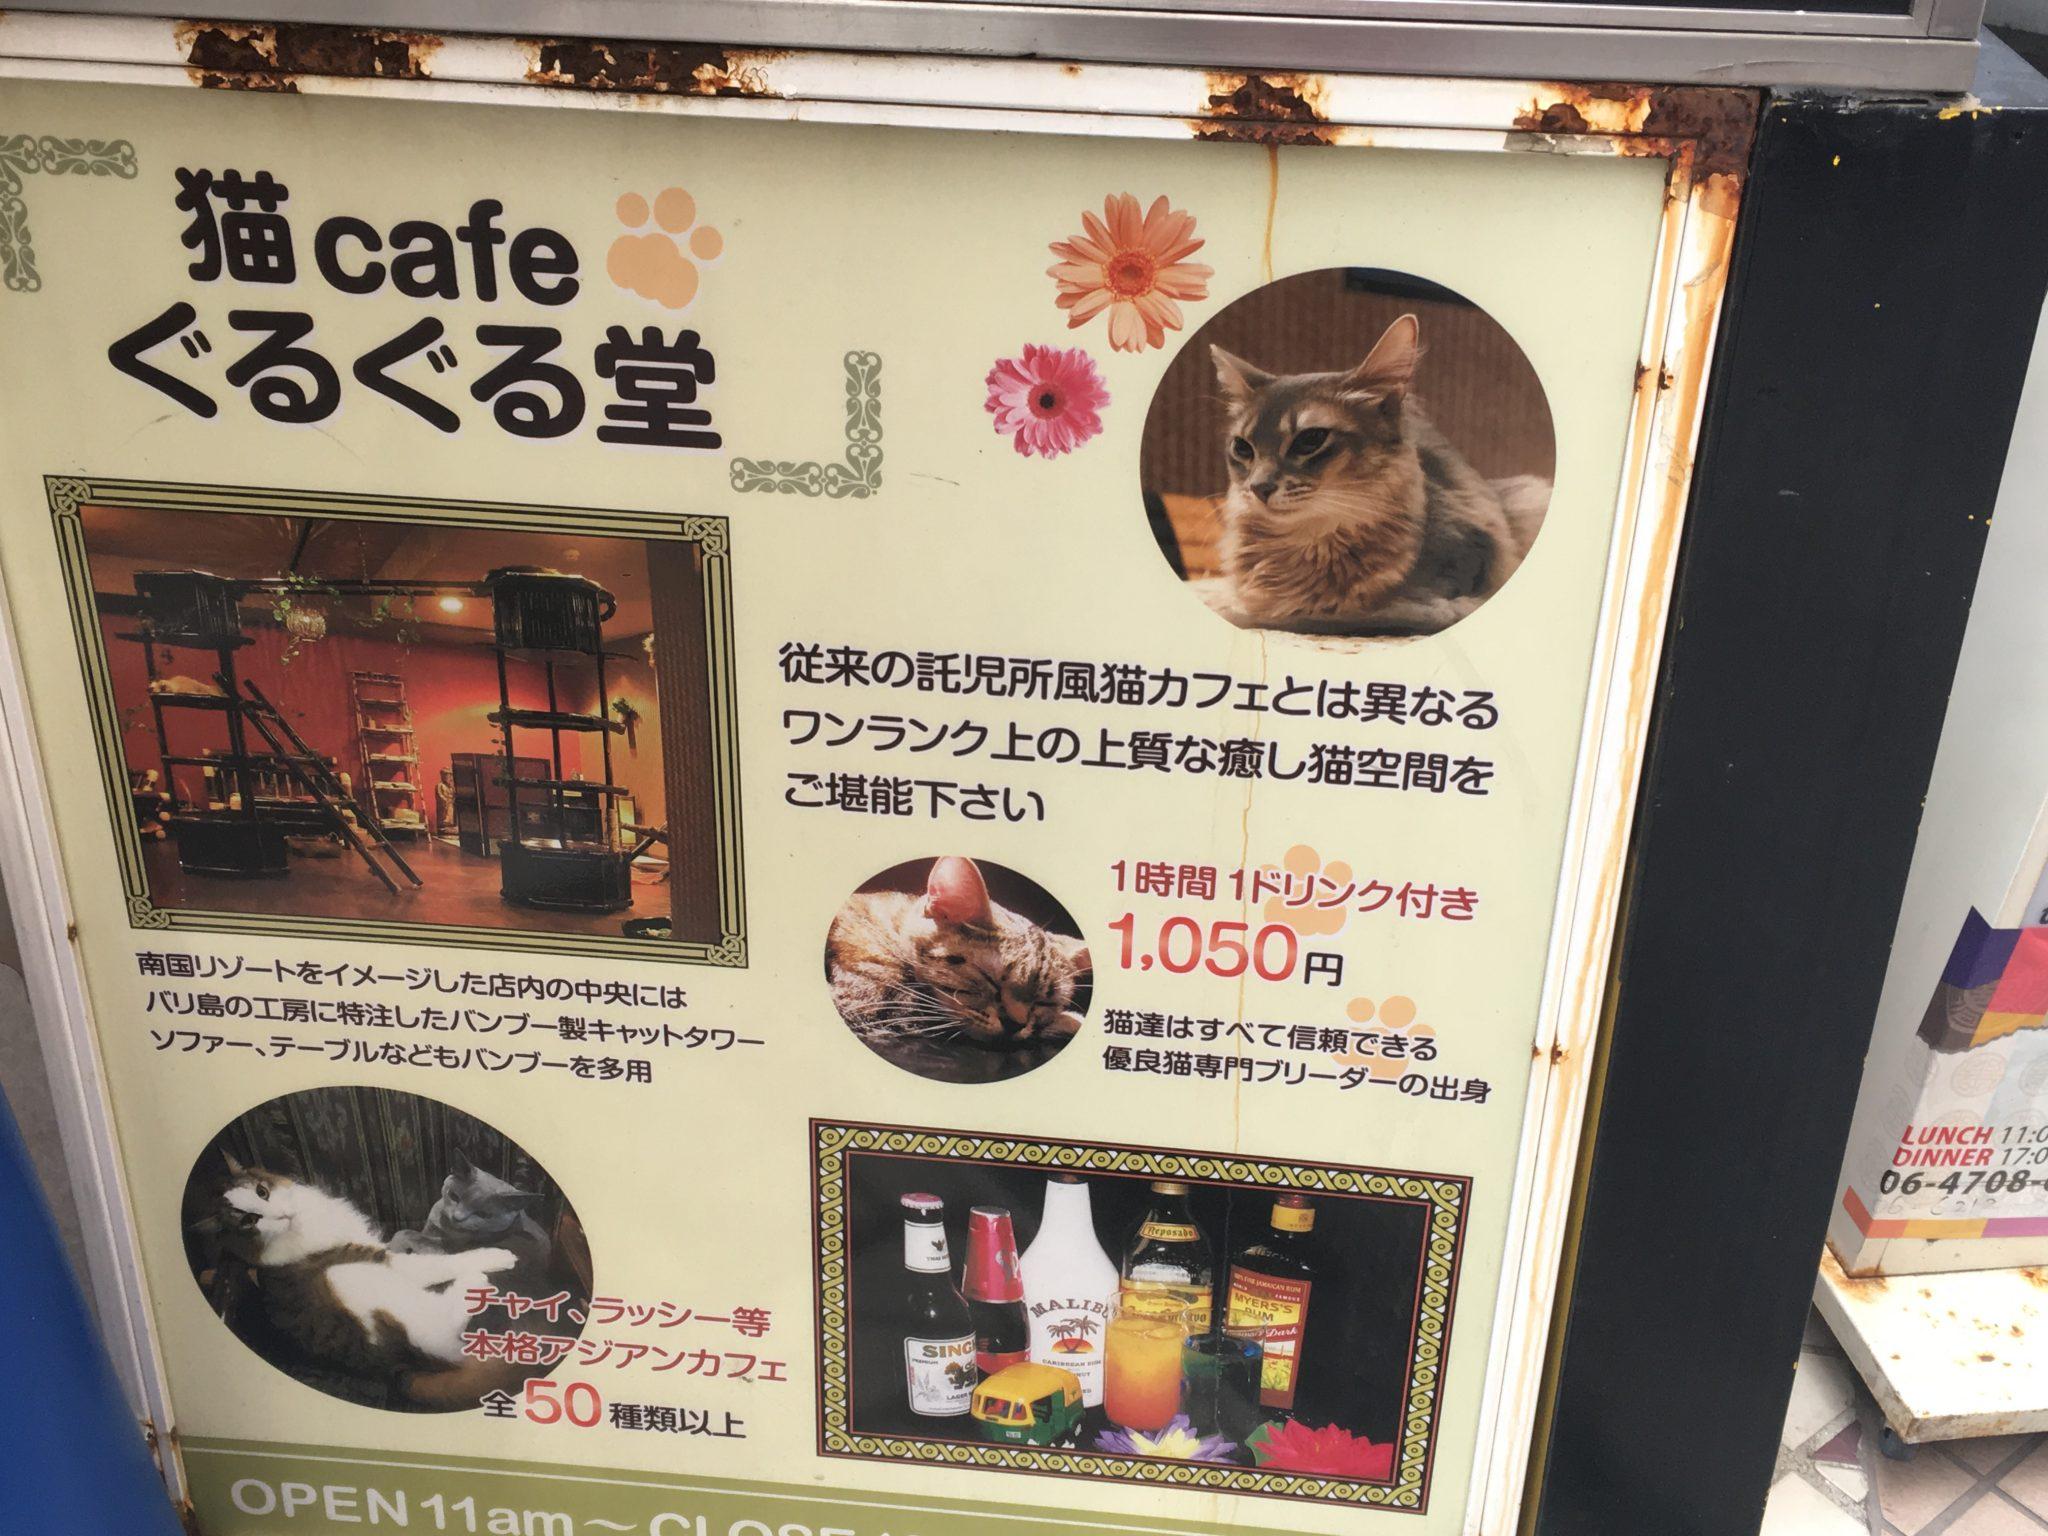 Neko cafe gurugurudo